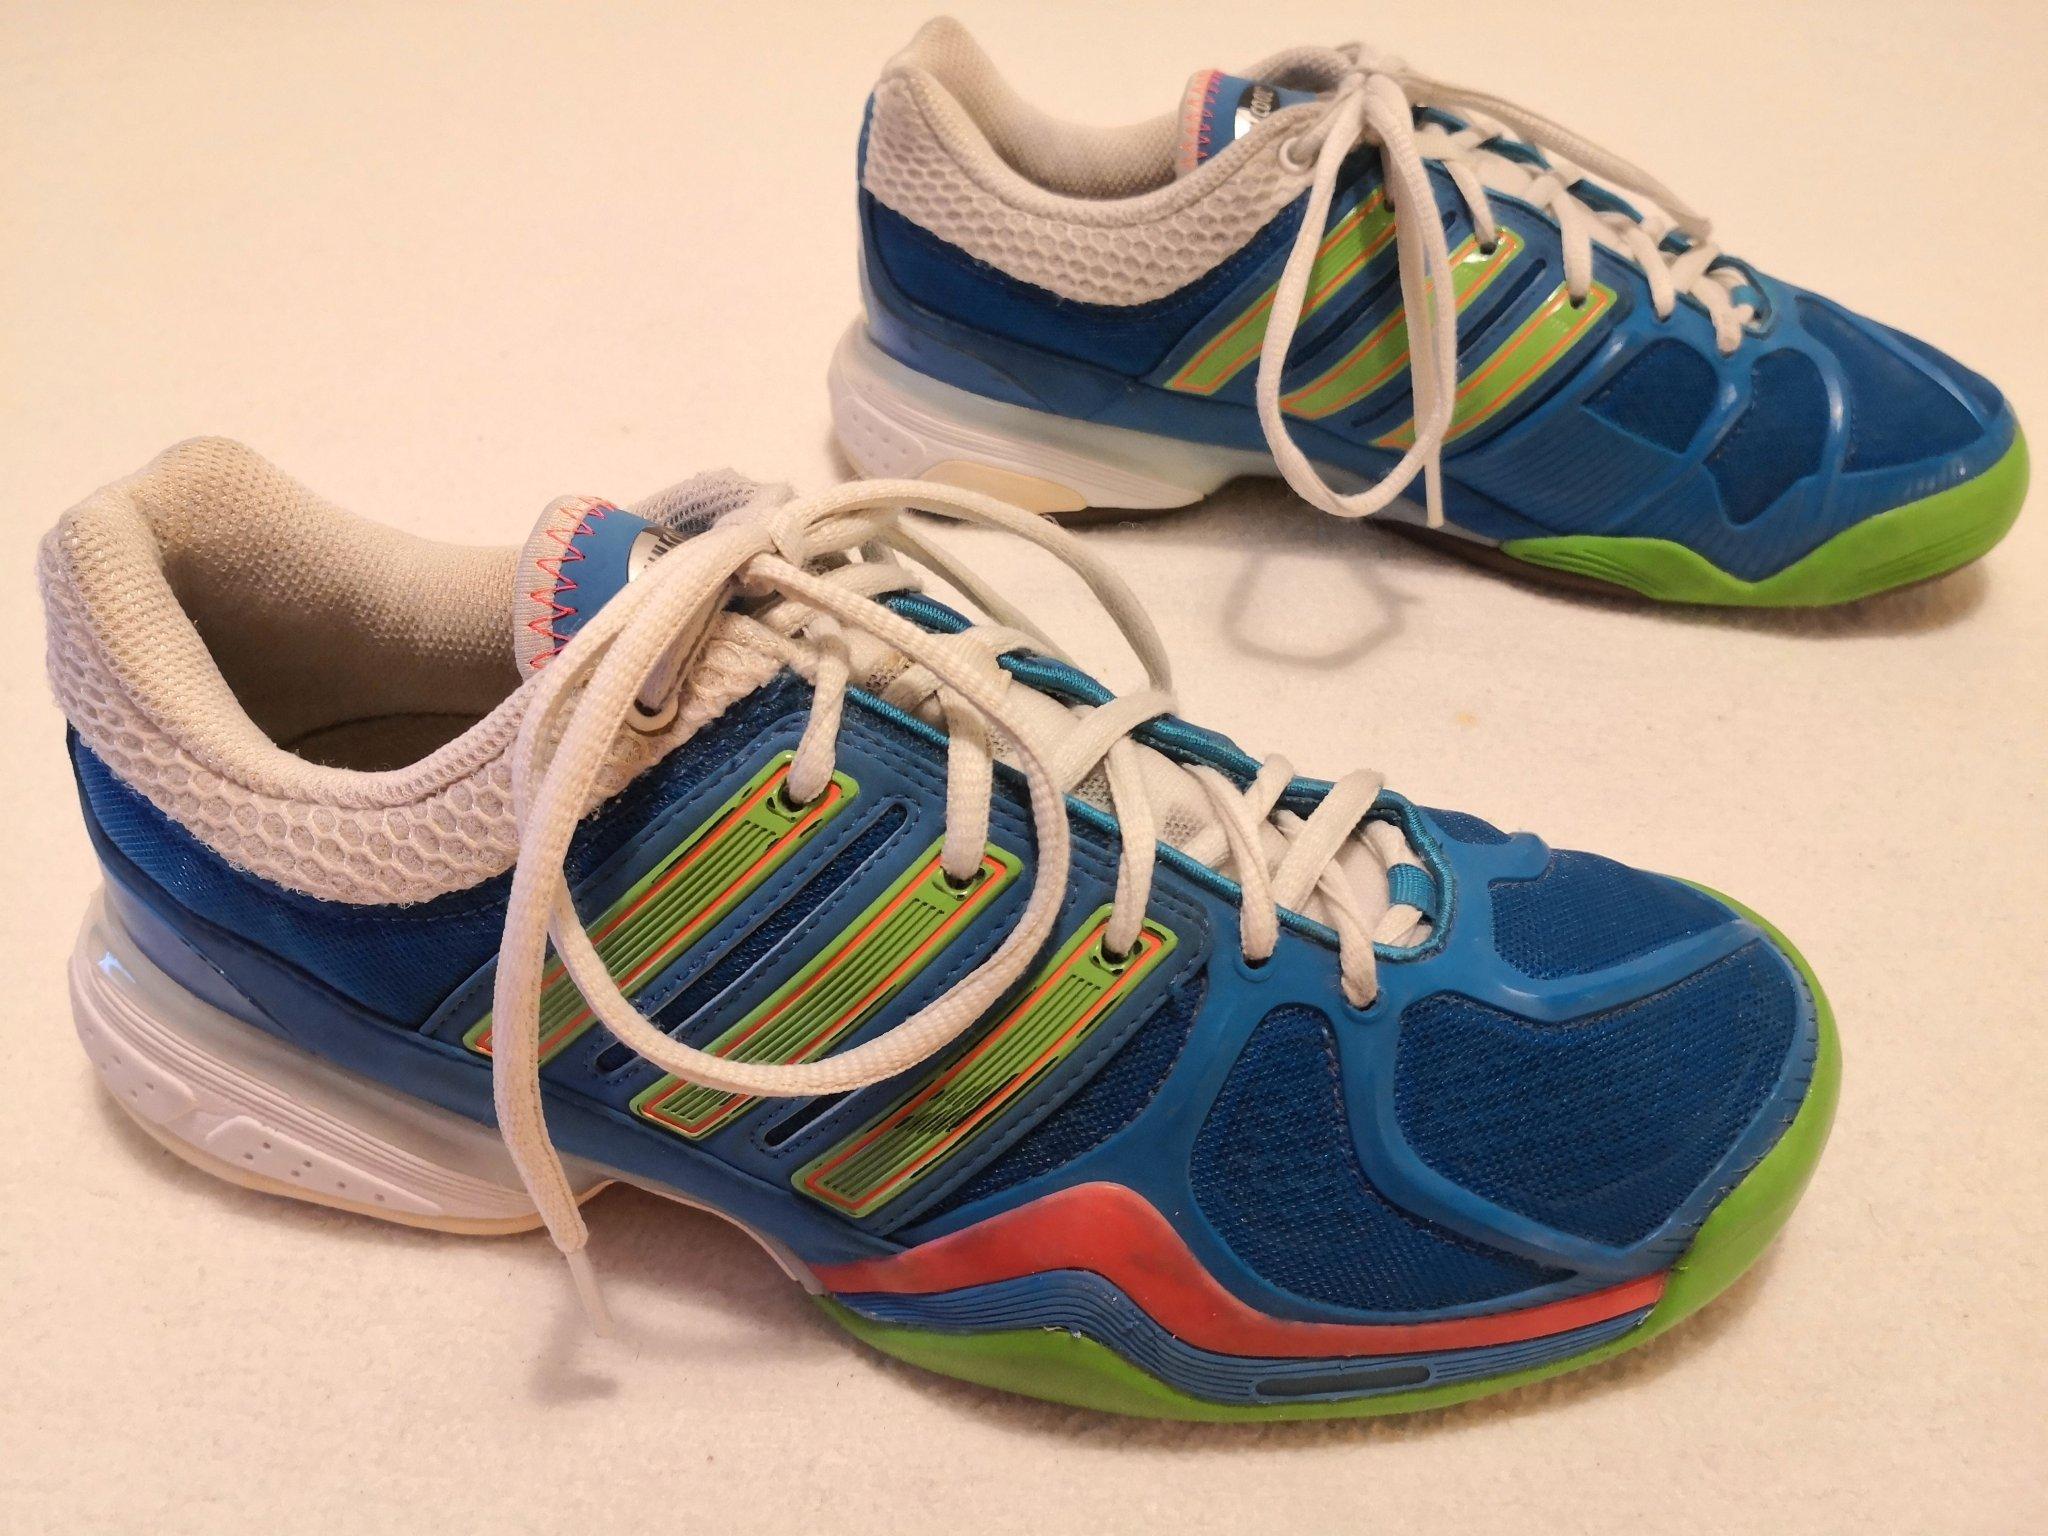 Adidas Climacool handballsskor inomhusskor str 40 23